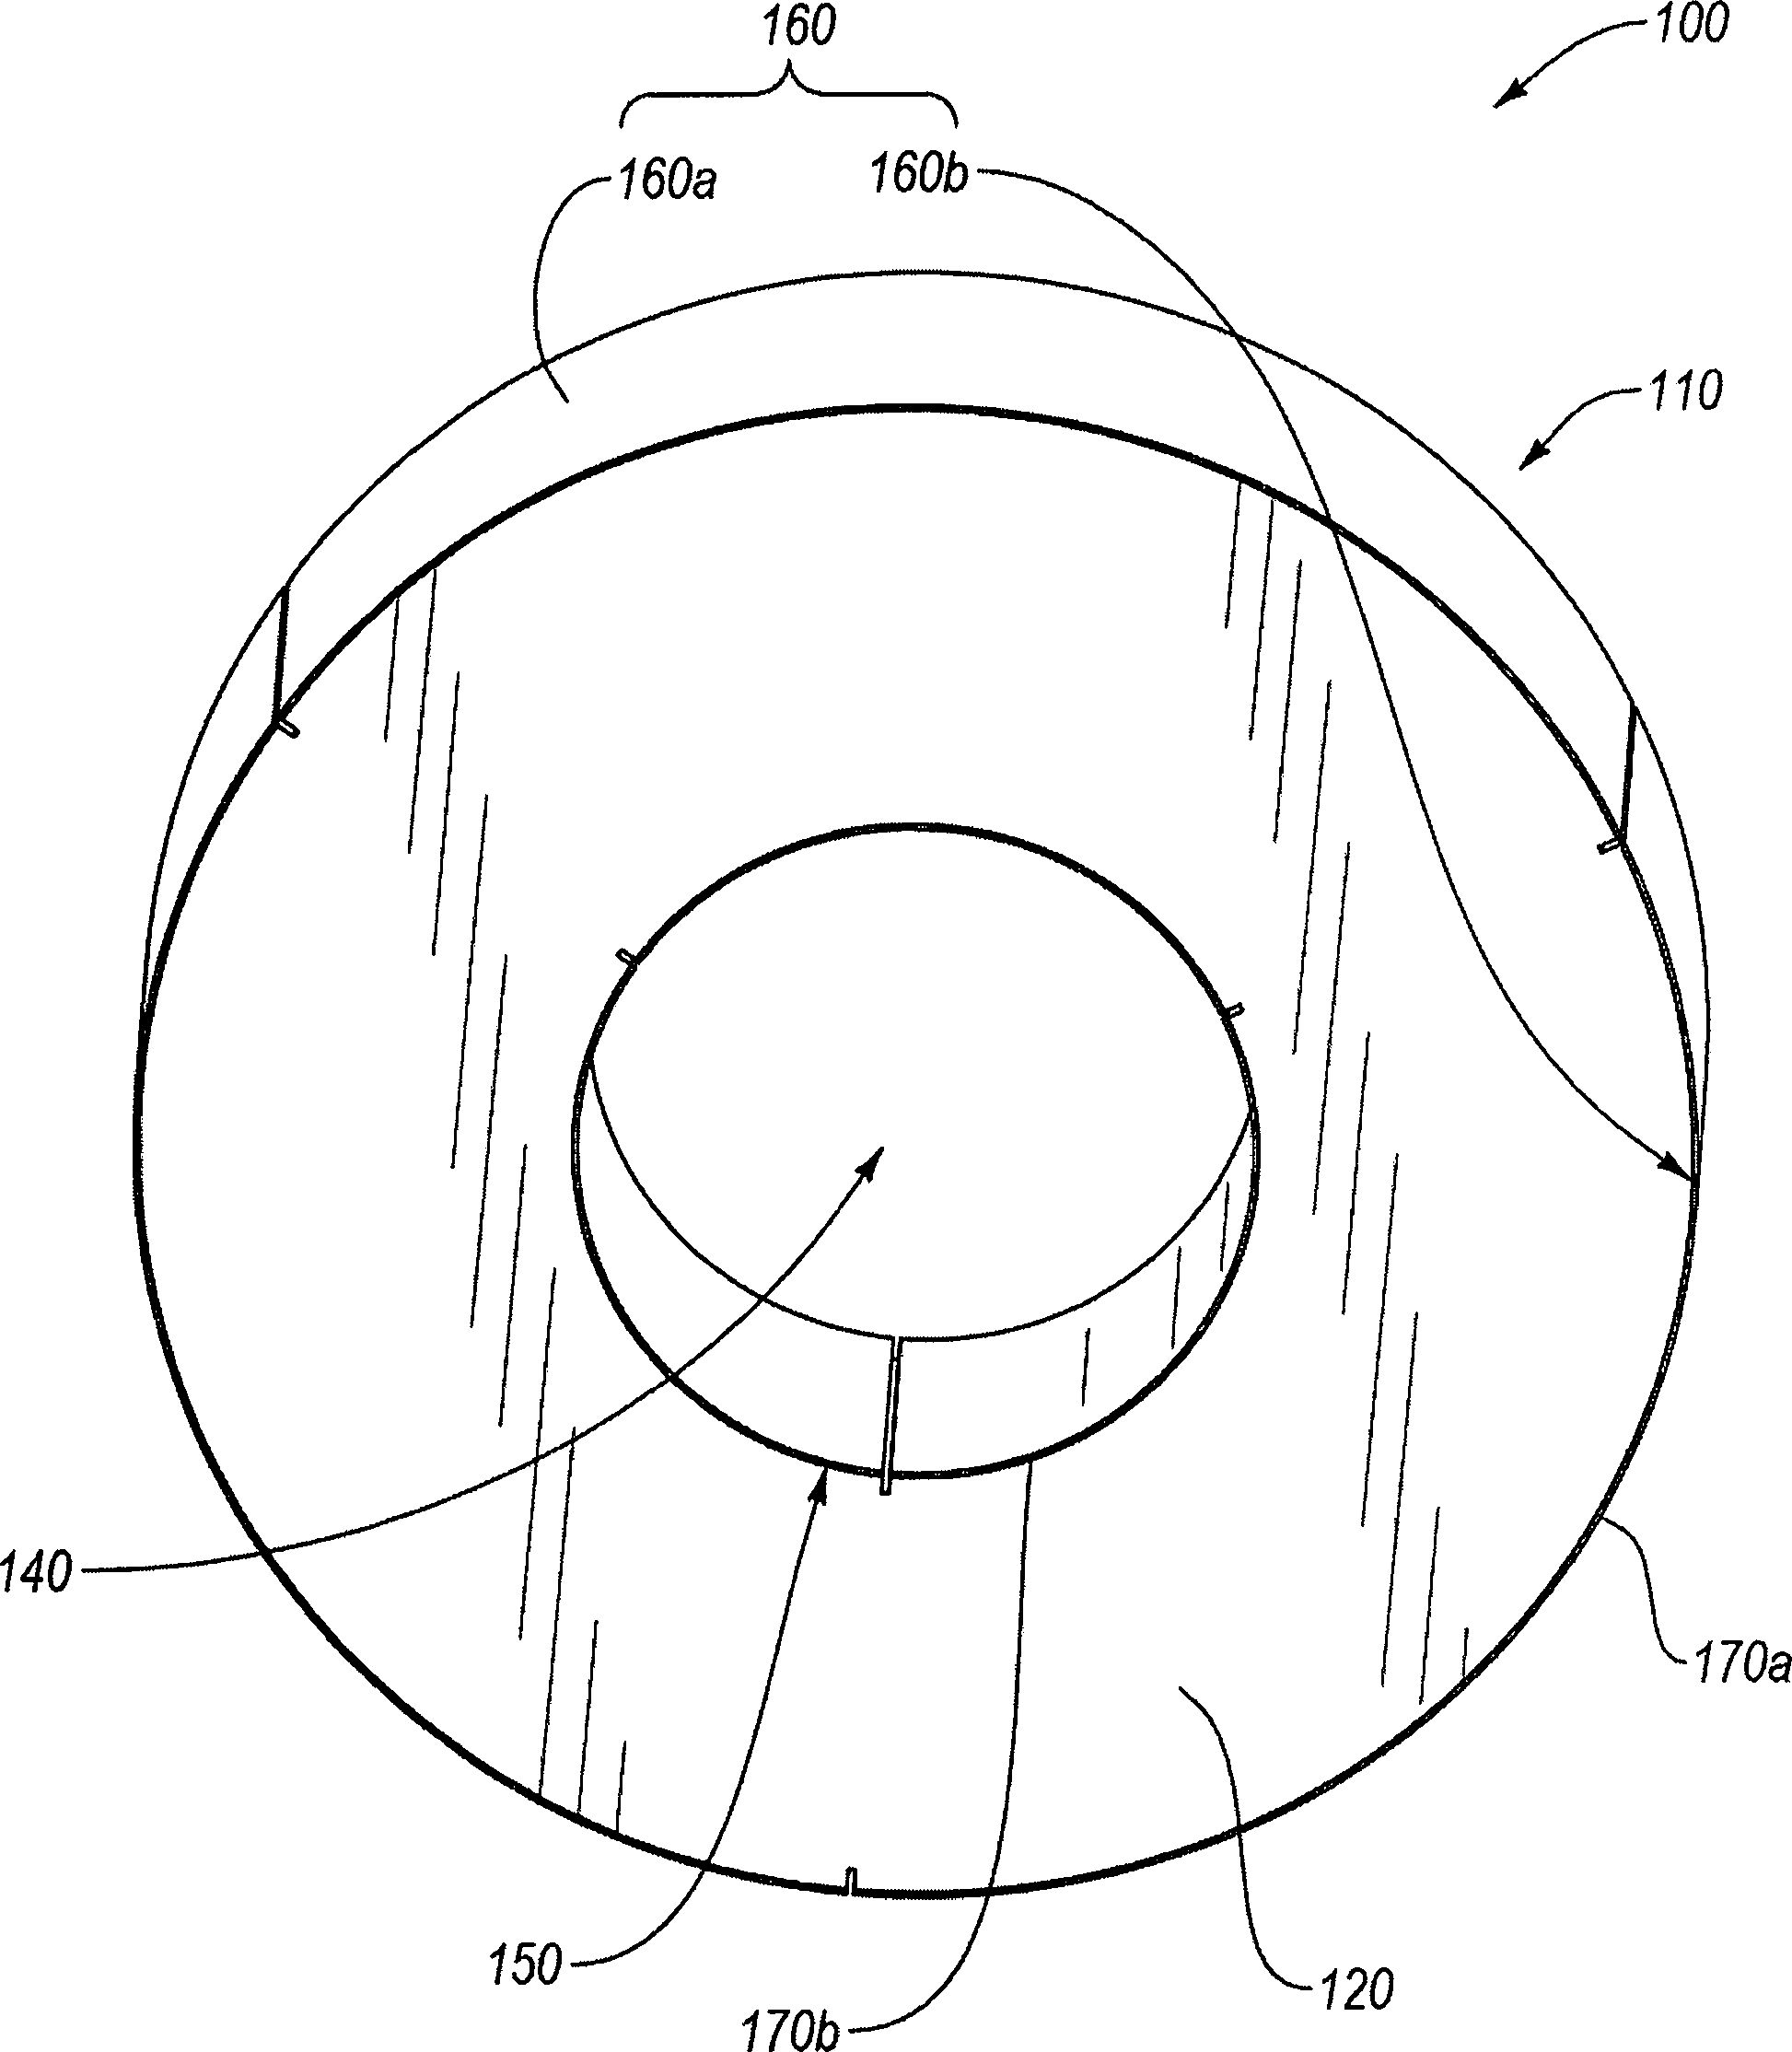 Figure DE212013000240U1_0001